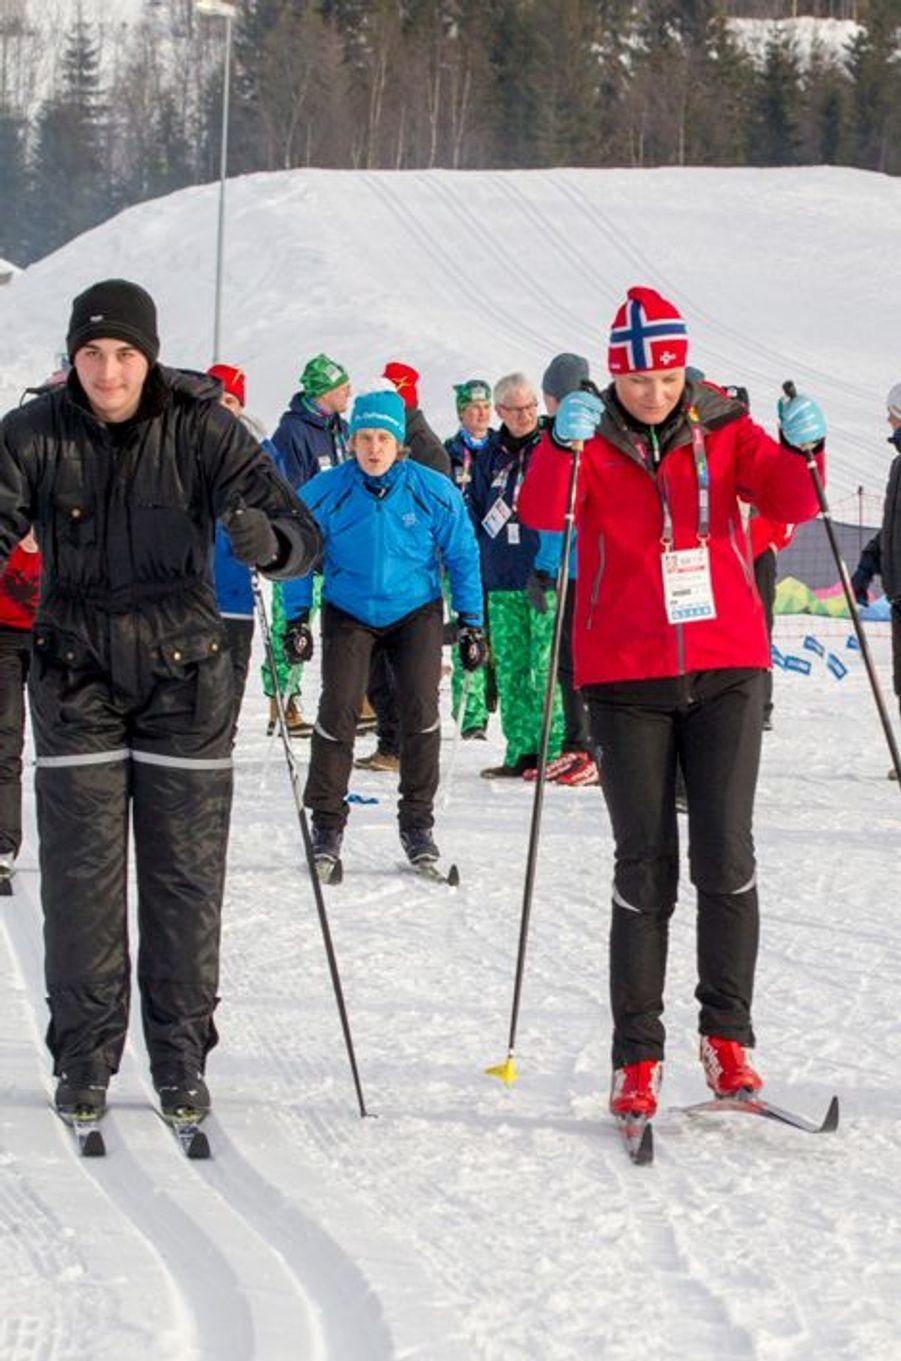 La princesse Mette-Marit de Norvège à Lillehammer, le 13 février 2016